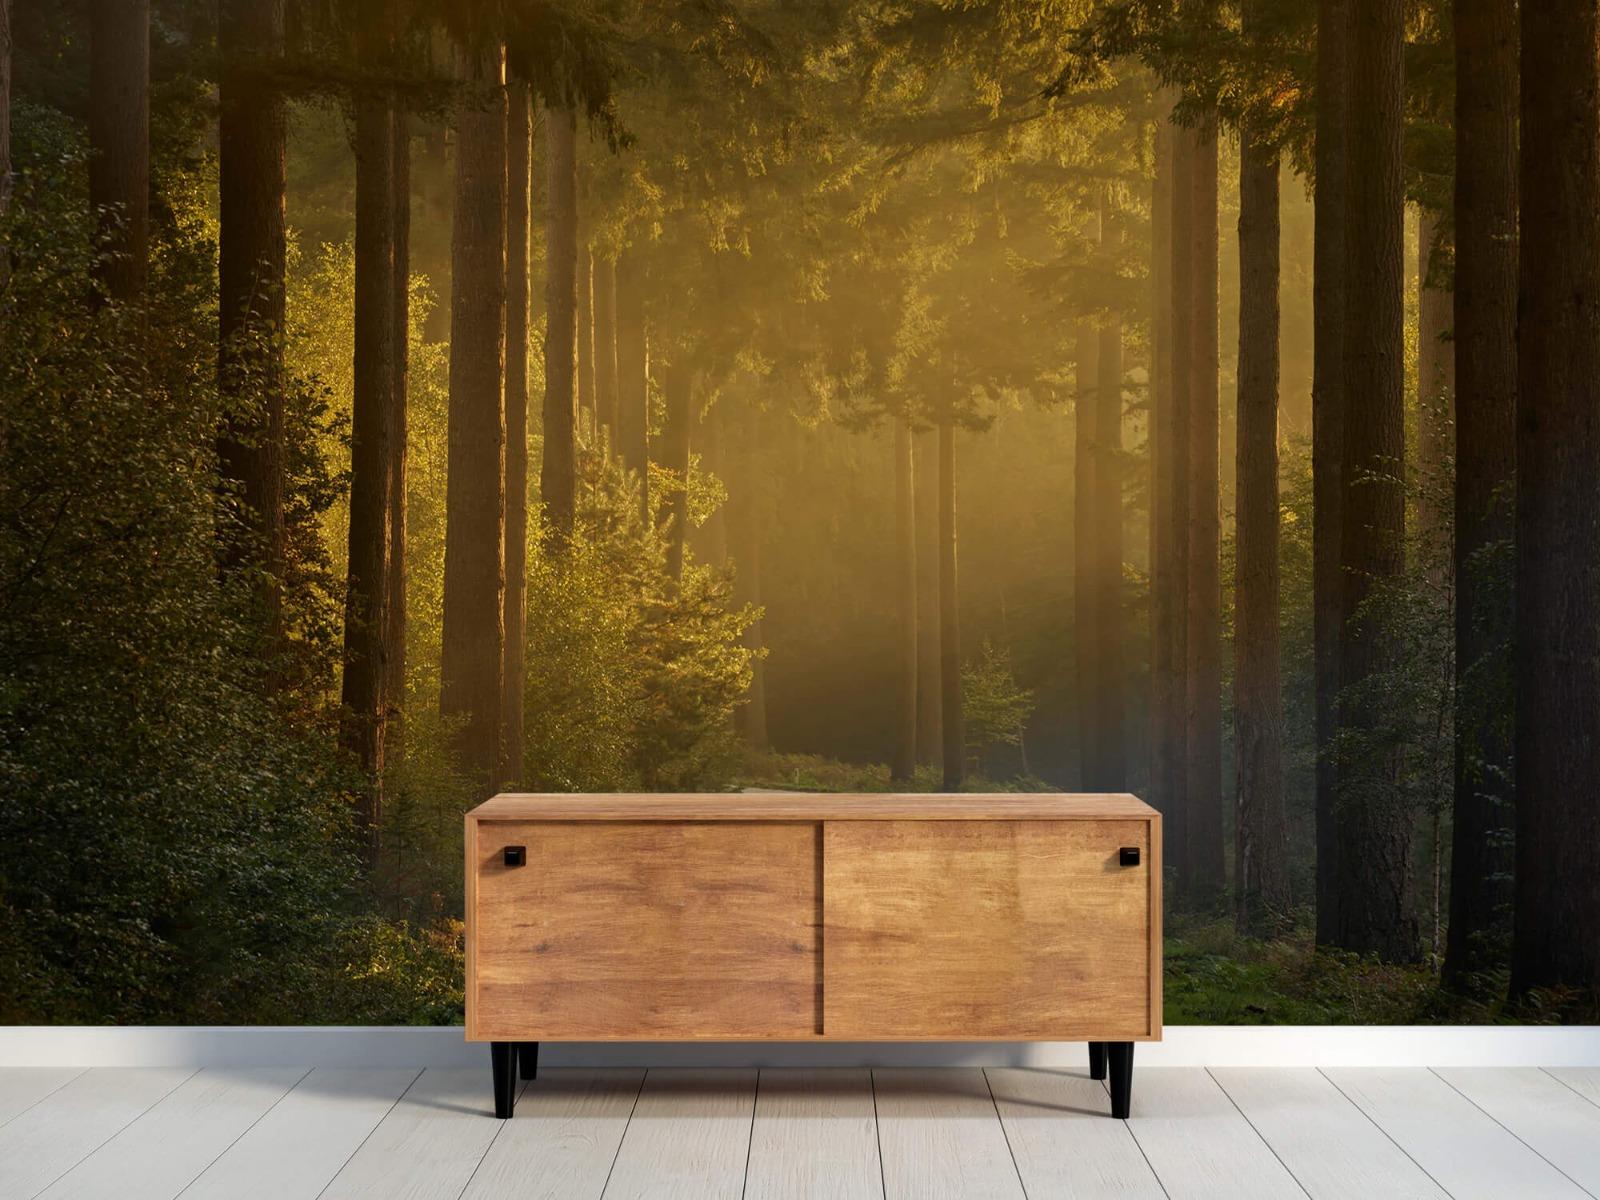 Natuur - Zonsopkomst bij weg door het bos 11